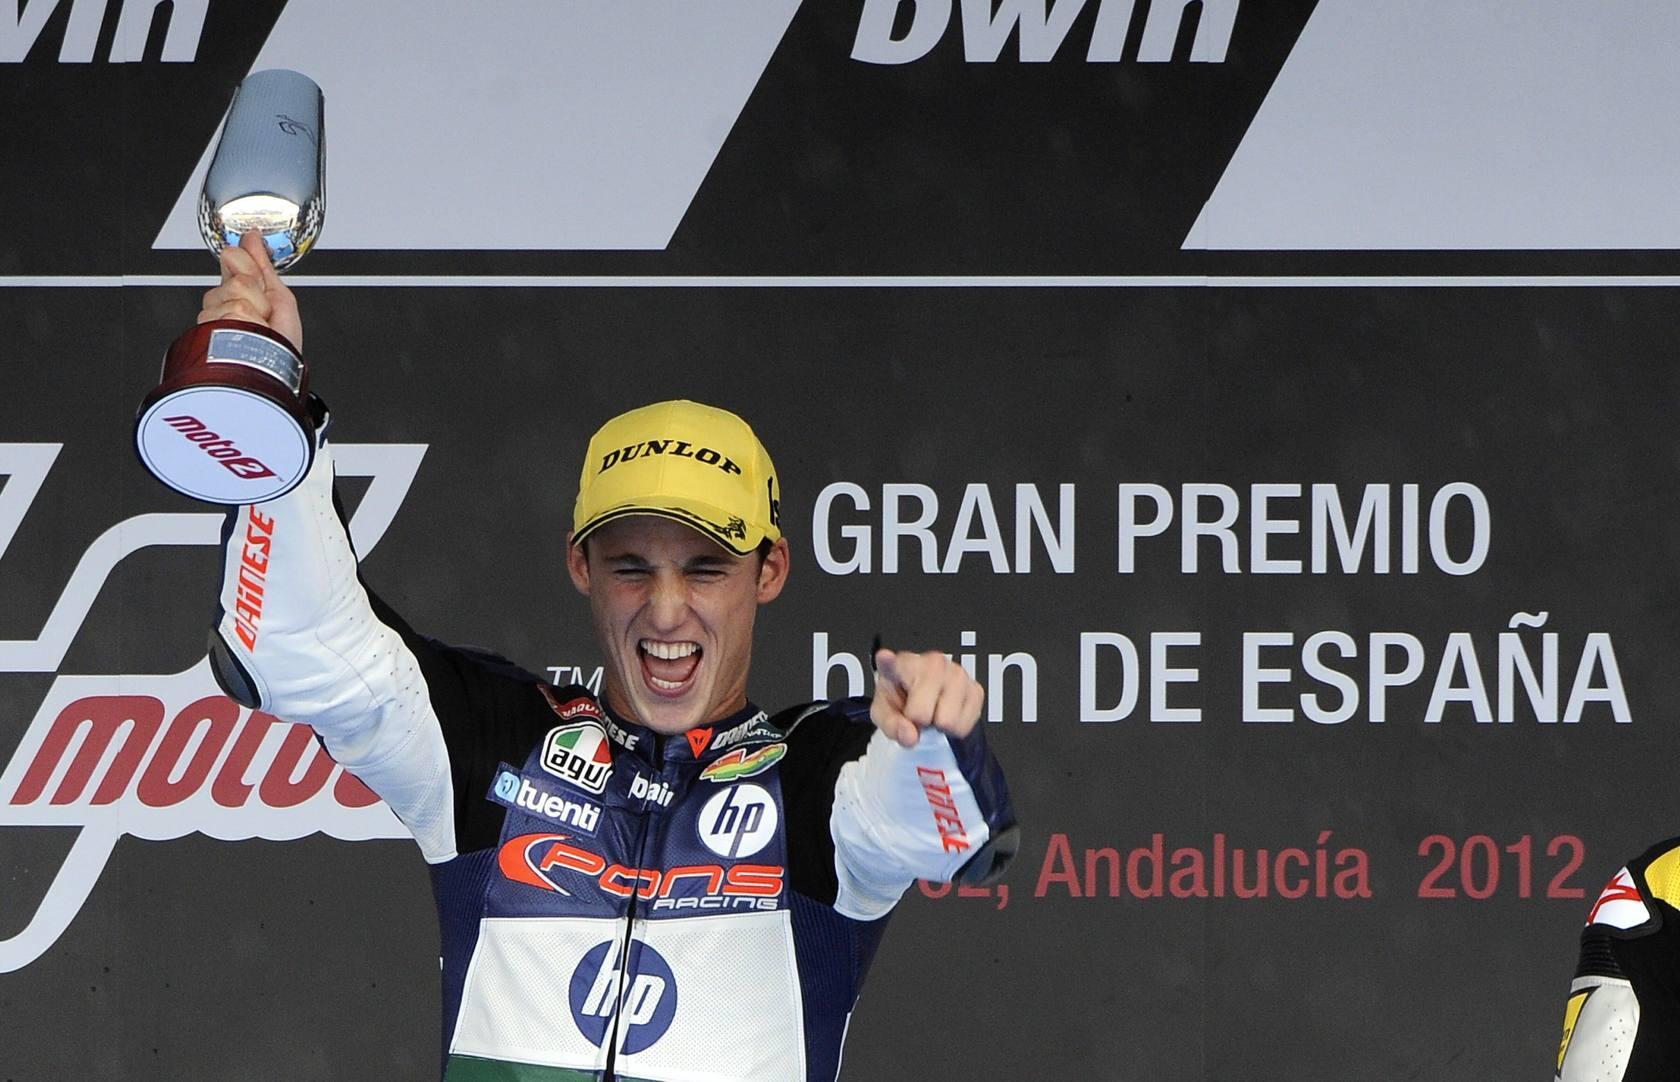 Espargaró (Kalex) gana en Moto2 el Gran Premio de España